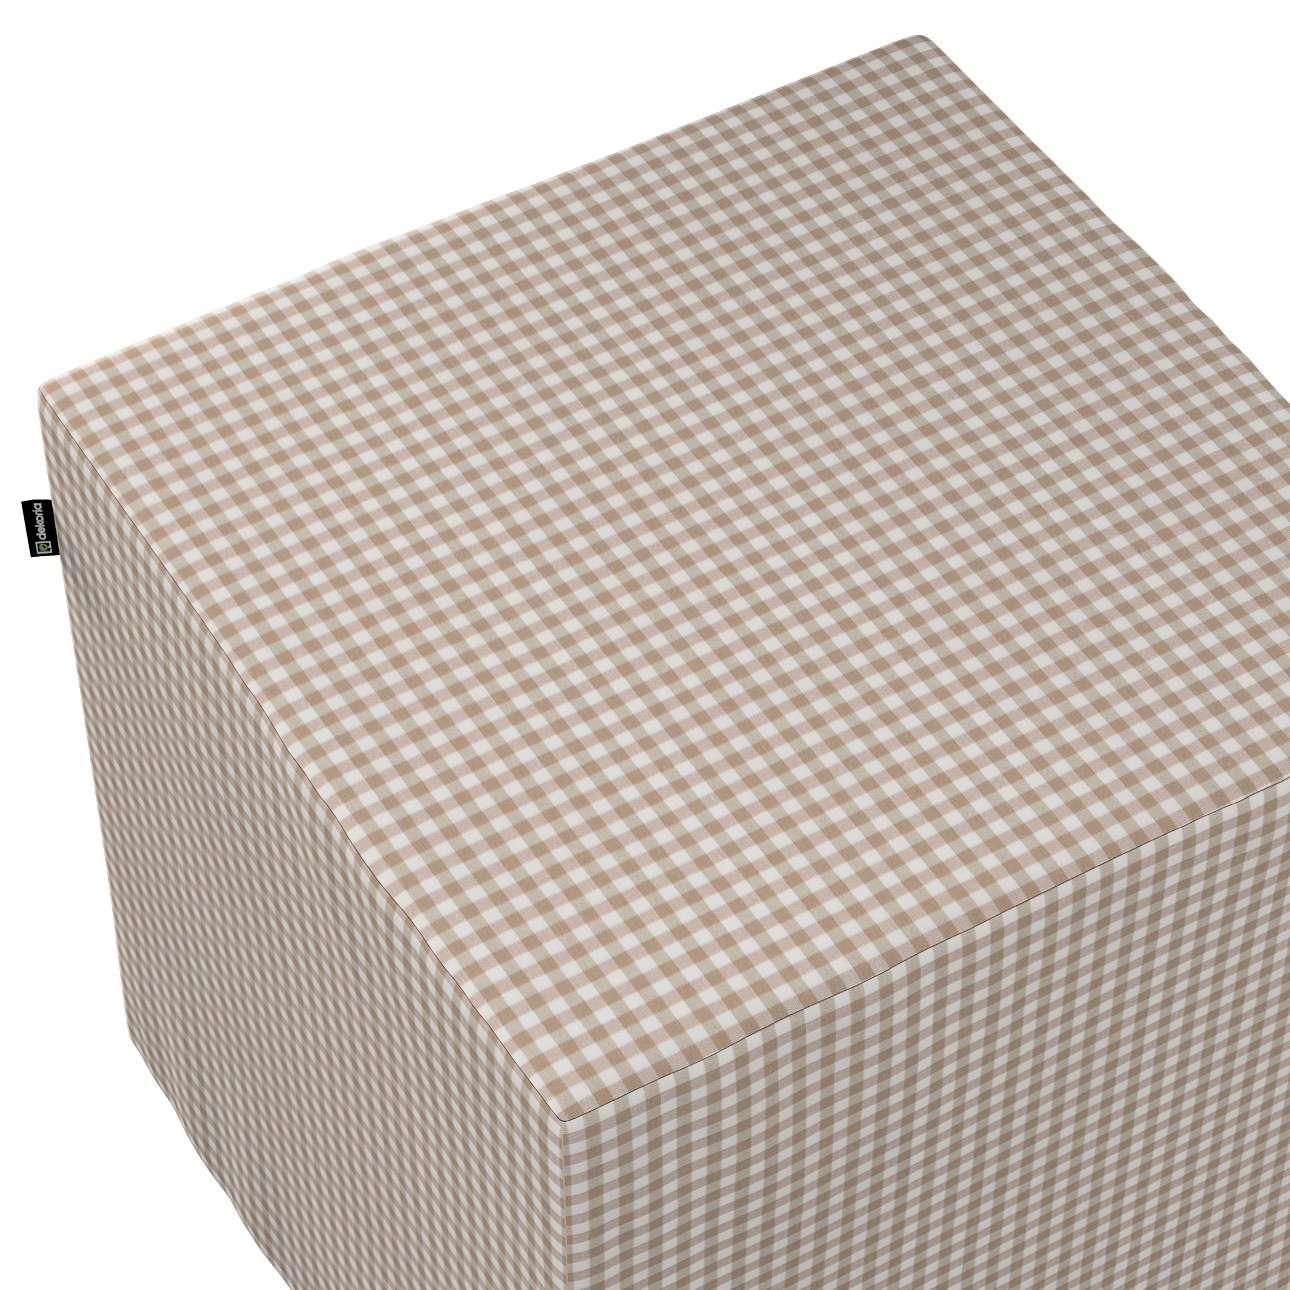 Pokrowiec na pufę kostkę w kolekcji Quadro, tkanina: 136-05